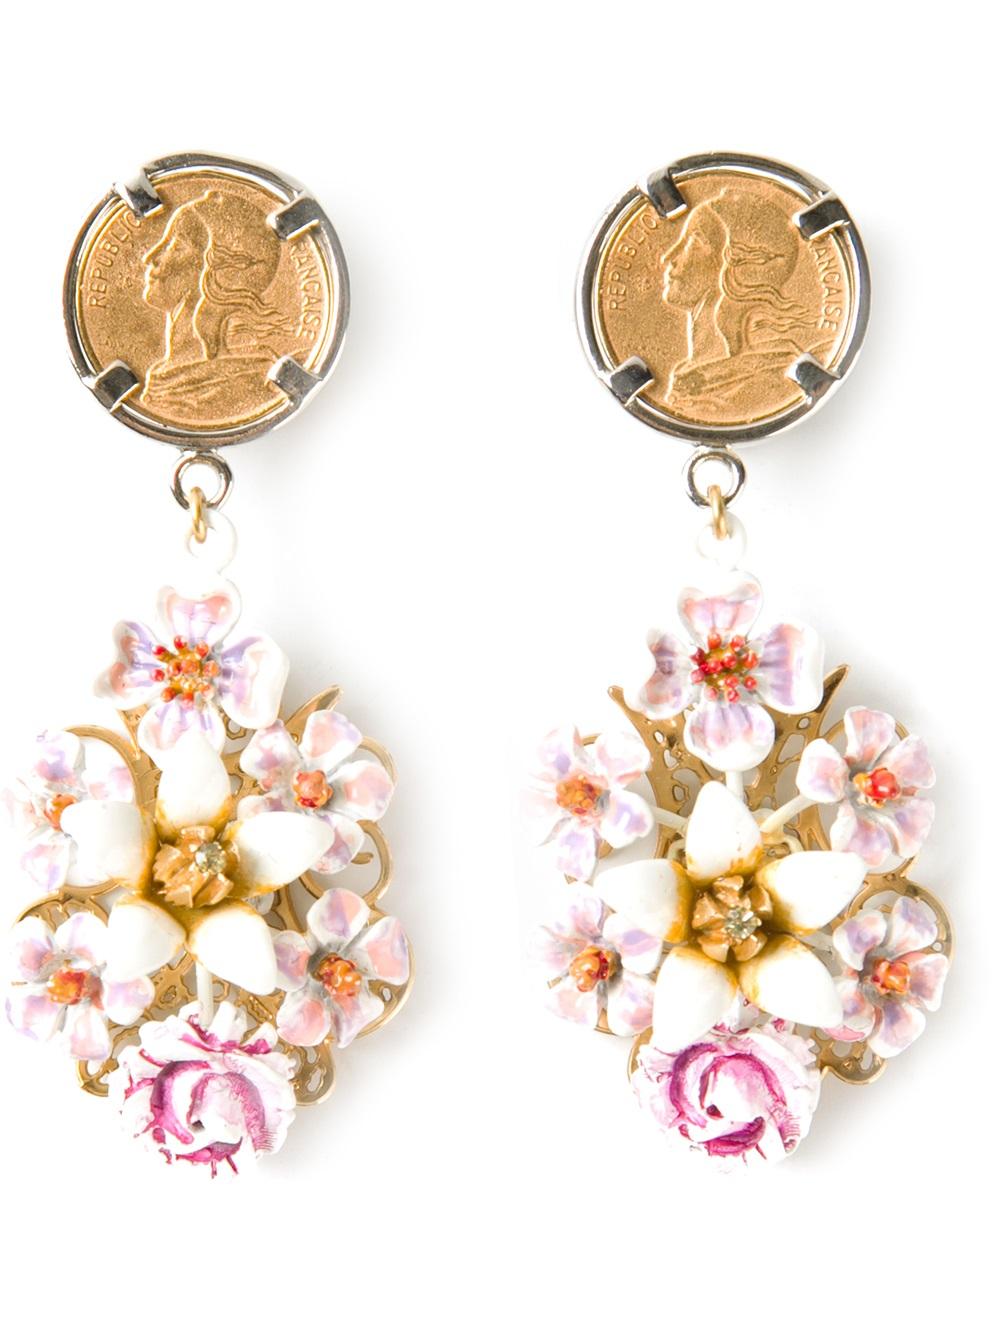 1bb1afc61 Dolce & Gabbana Floral Drop Earrings in Metallic - Lyst